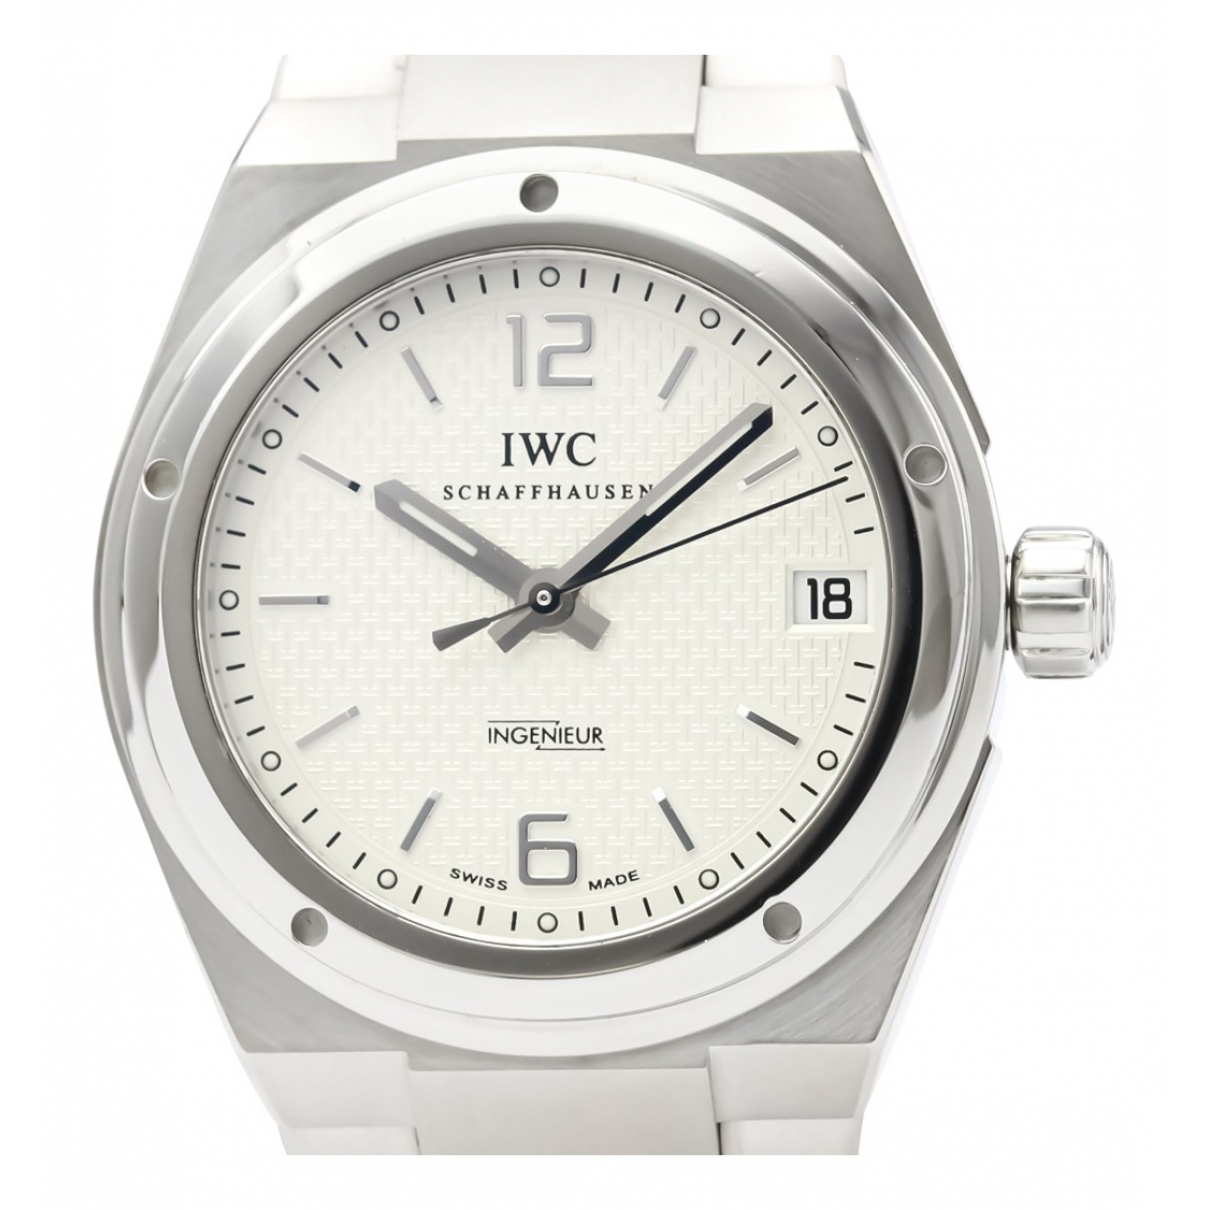 Relojes Ingenieur Iwc